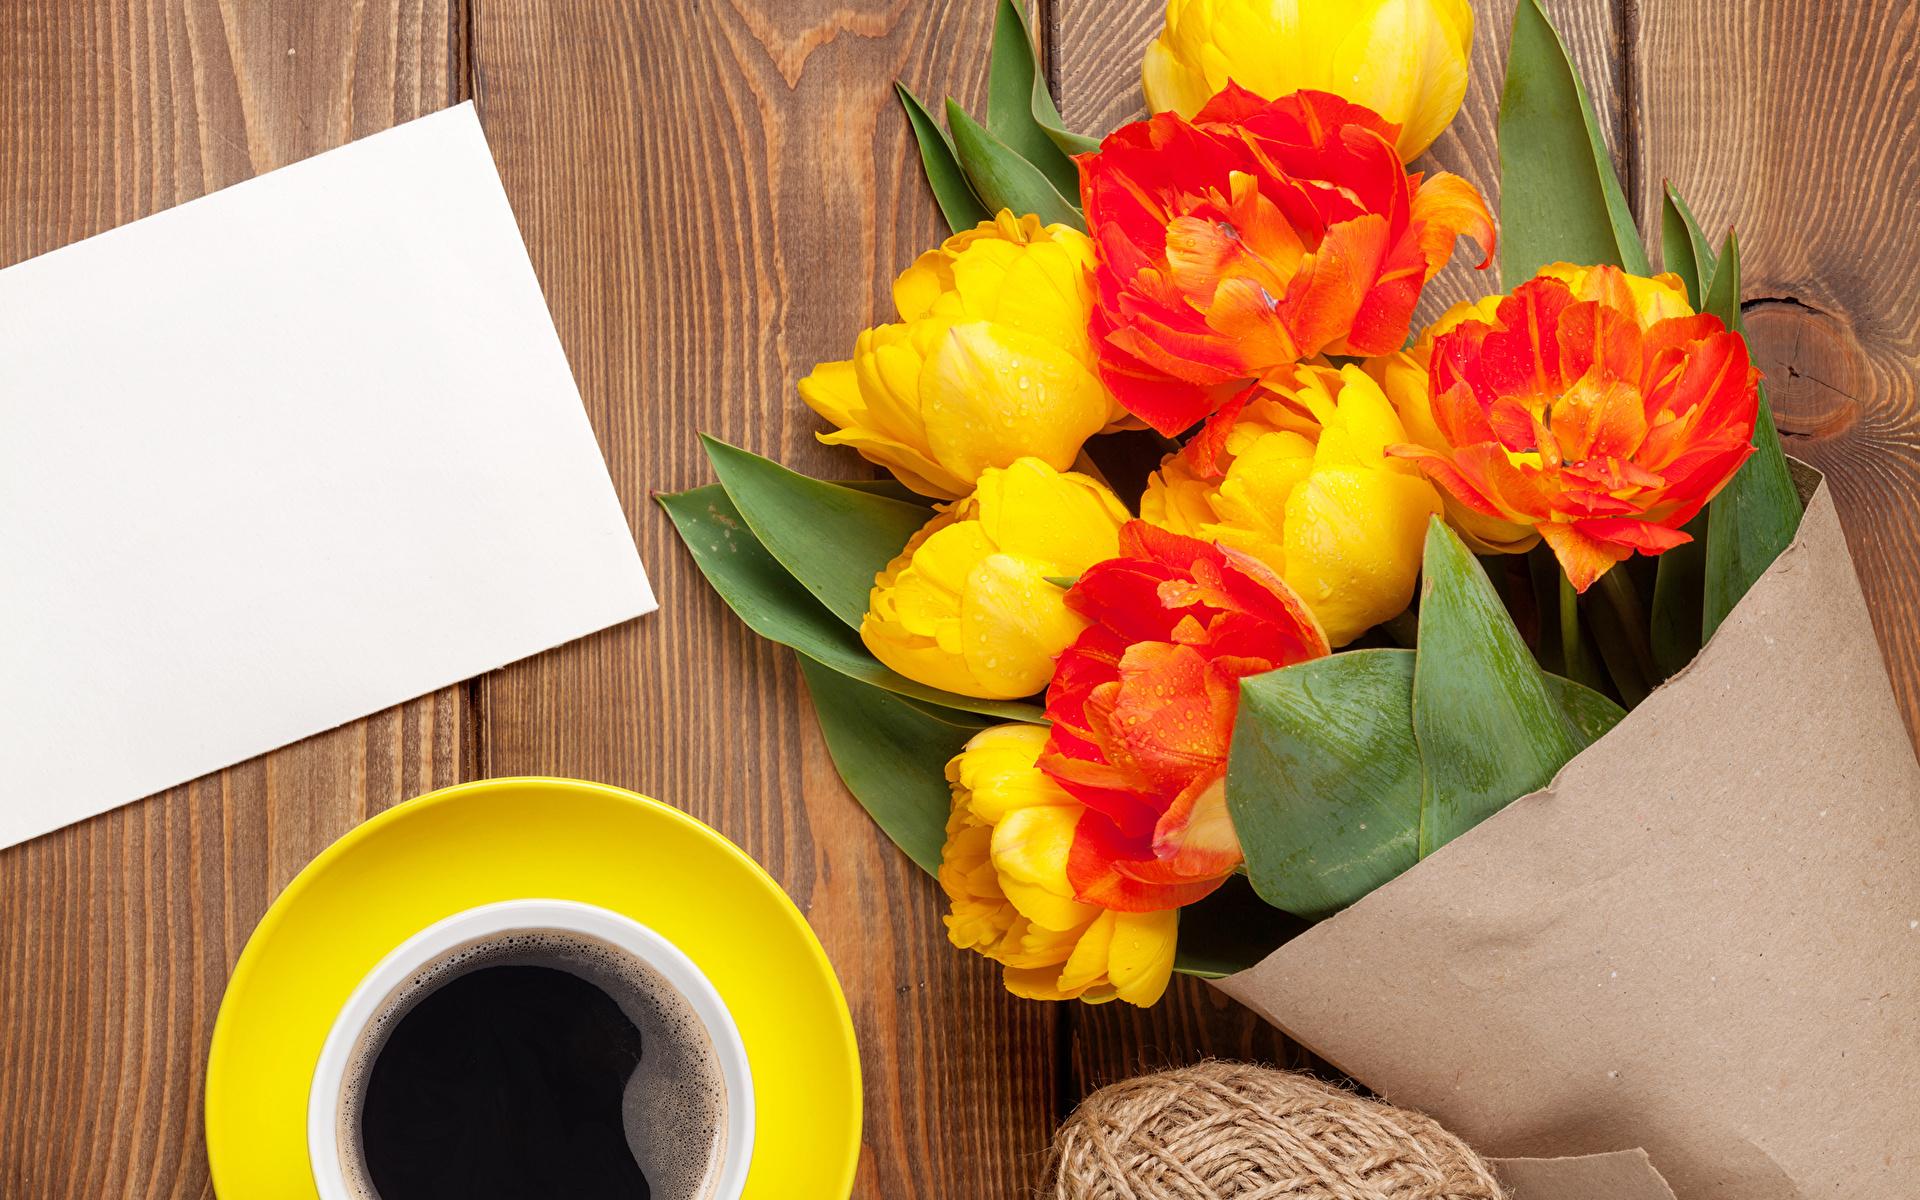 Foto's Boeketten Tulpen Koffie Bloemen Een kopje wenskaartsjabloon Planken 1920x1200 boeket tulp bloem Wenskaart Sjabloon